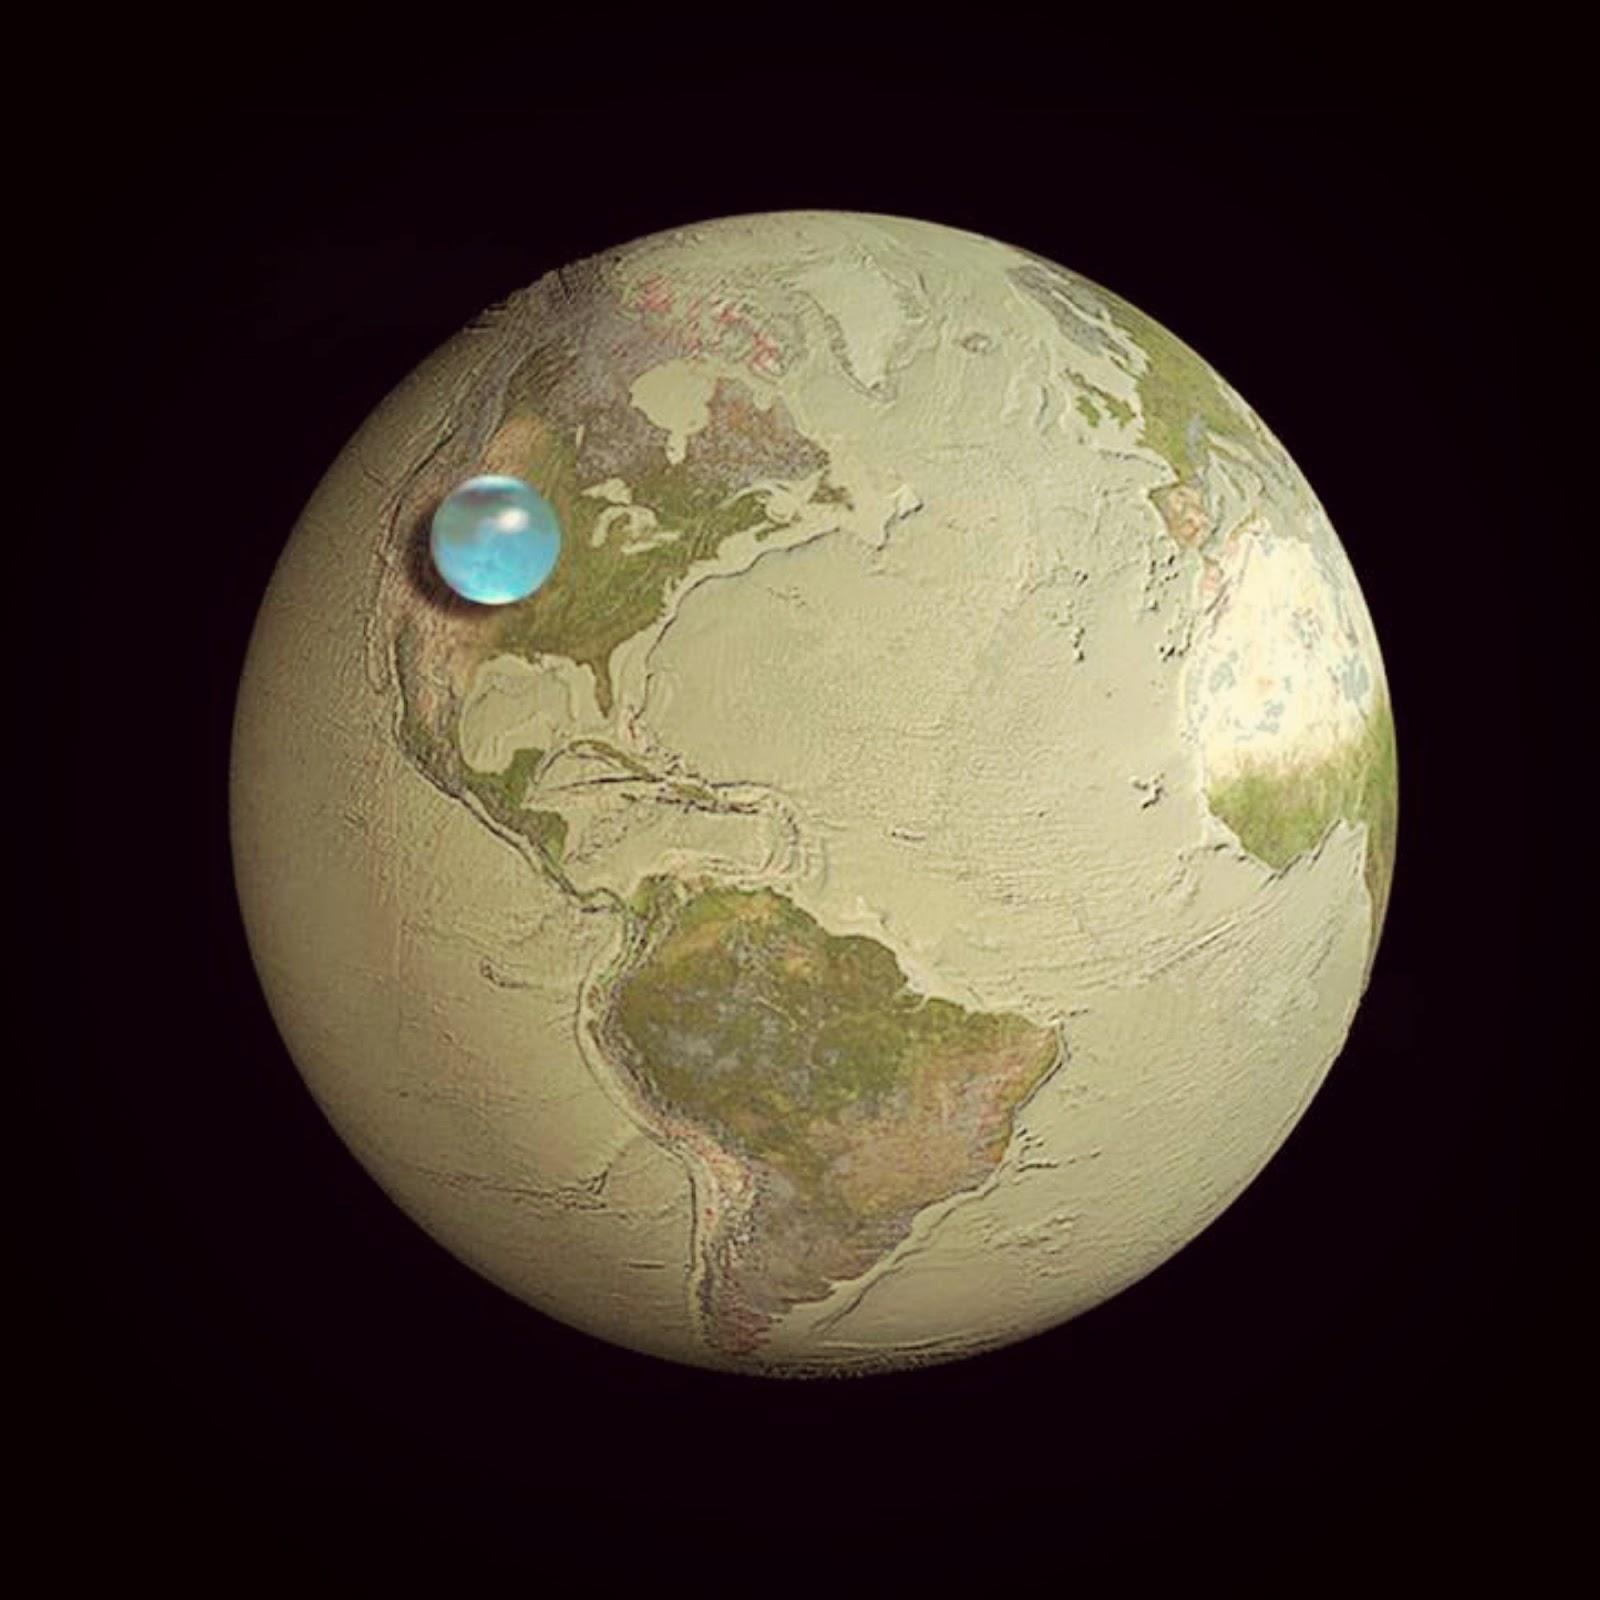 Δείτε πως θα δείχνει η Γη μετά το λιώσιμο των πάγων (βίντεο) b4e6f59667f